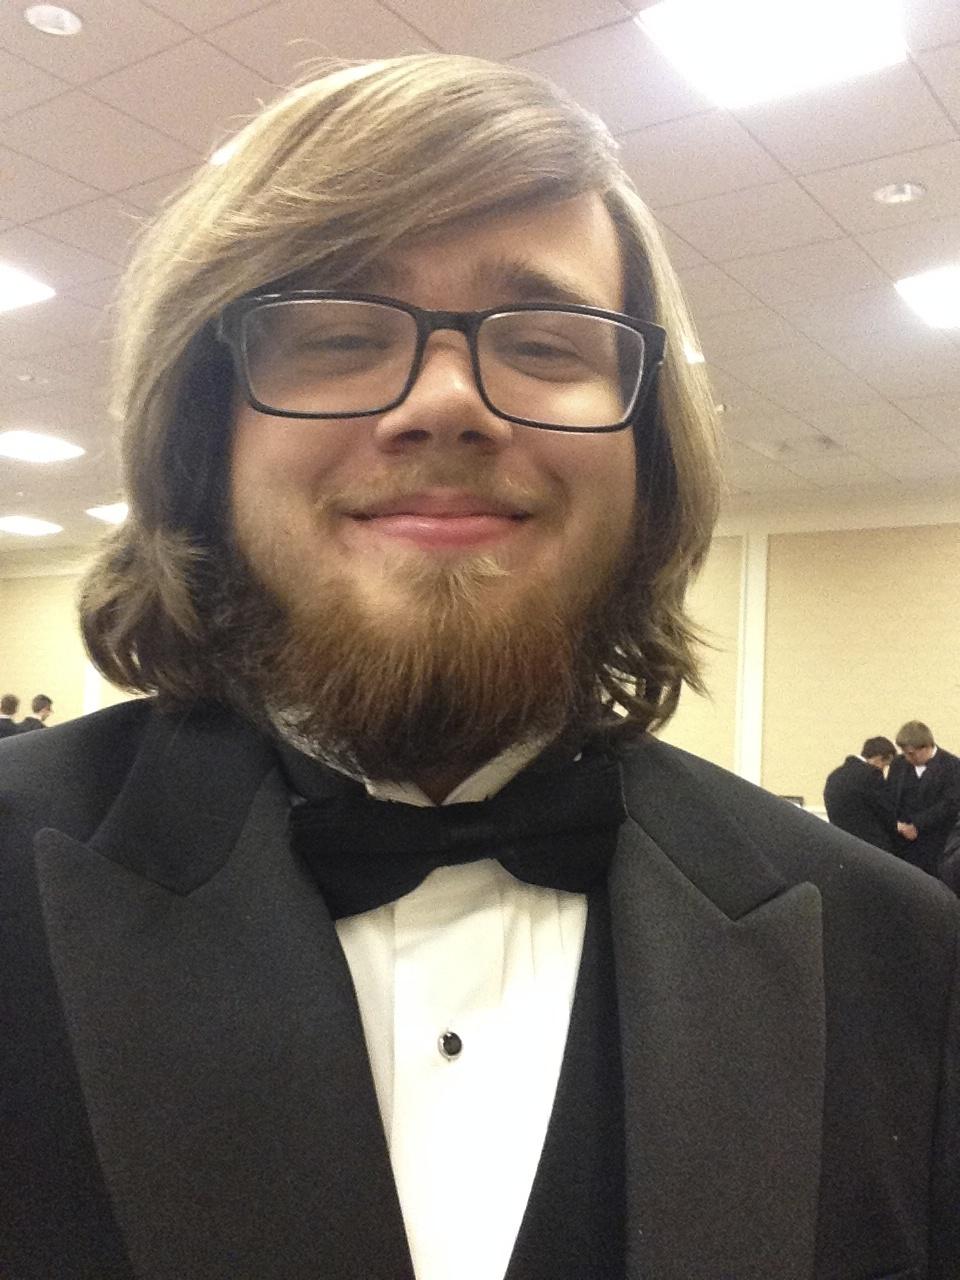 Jordan - 2013 attends Dallas Baptist University